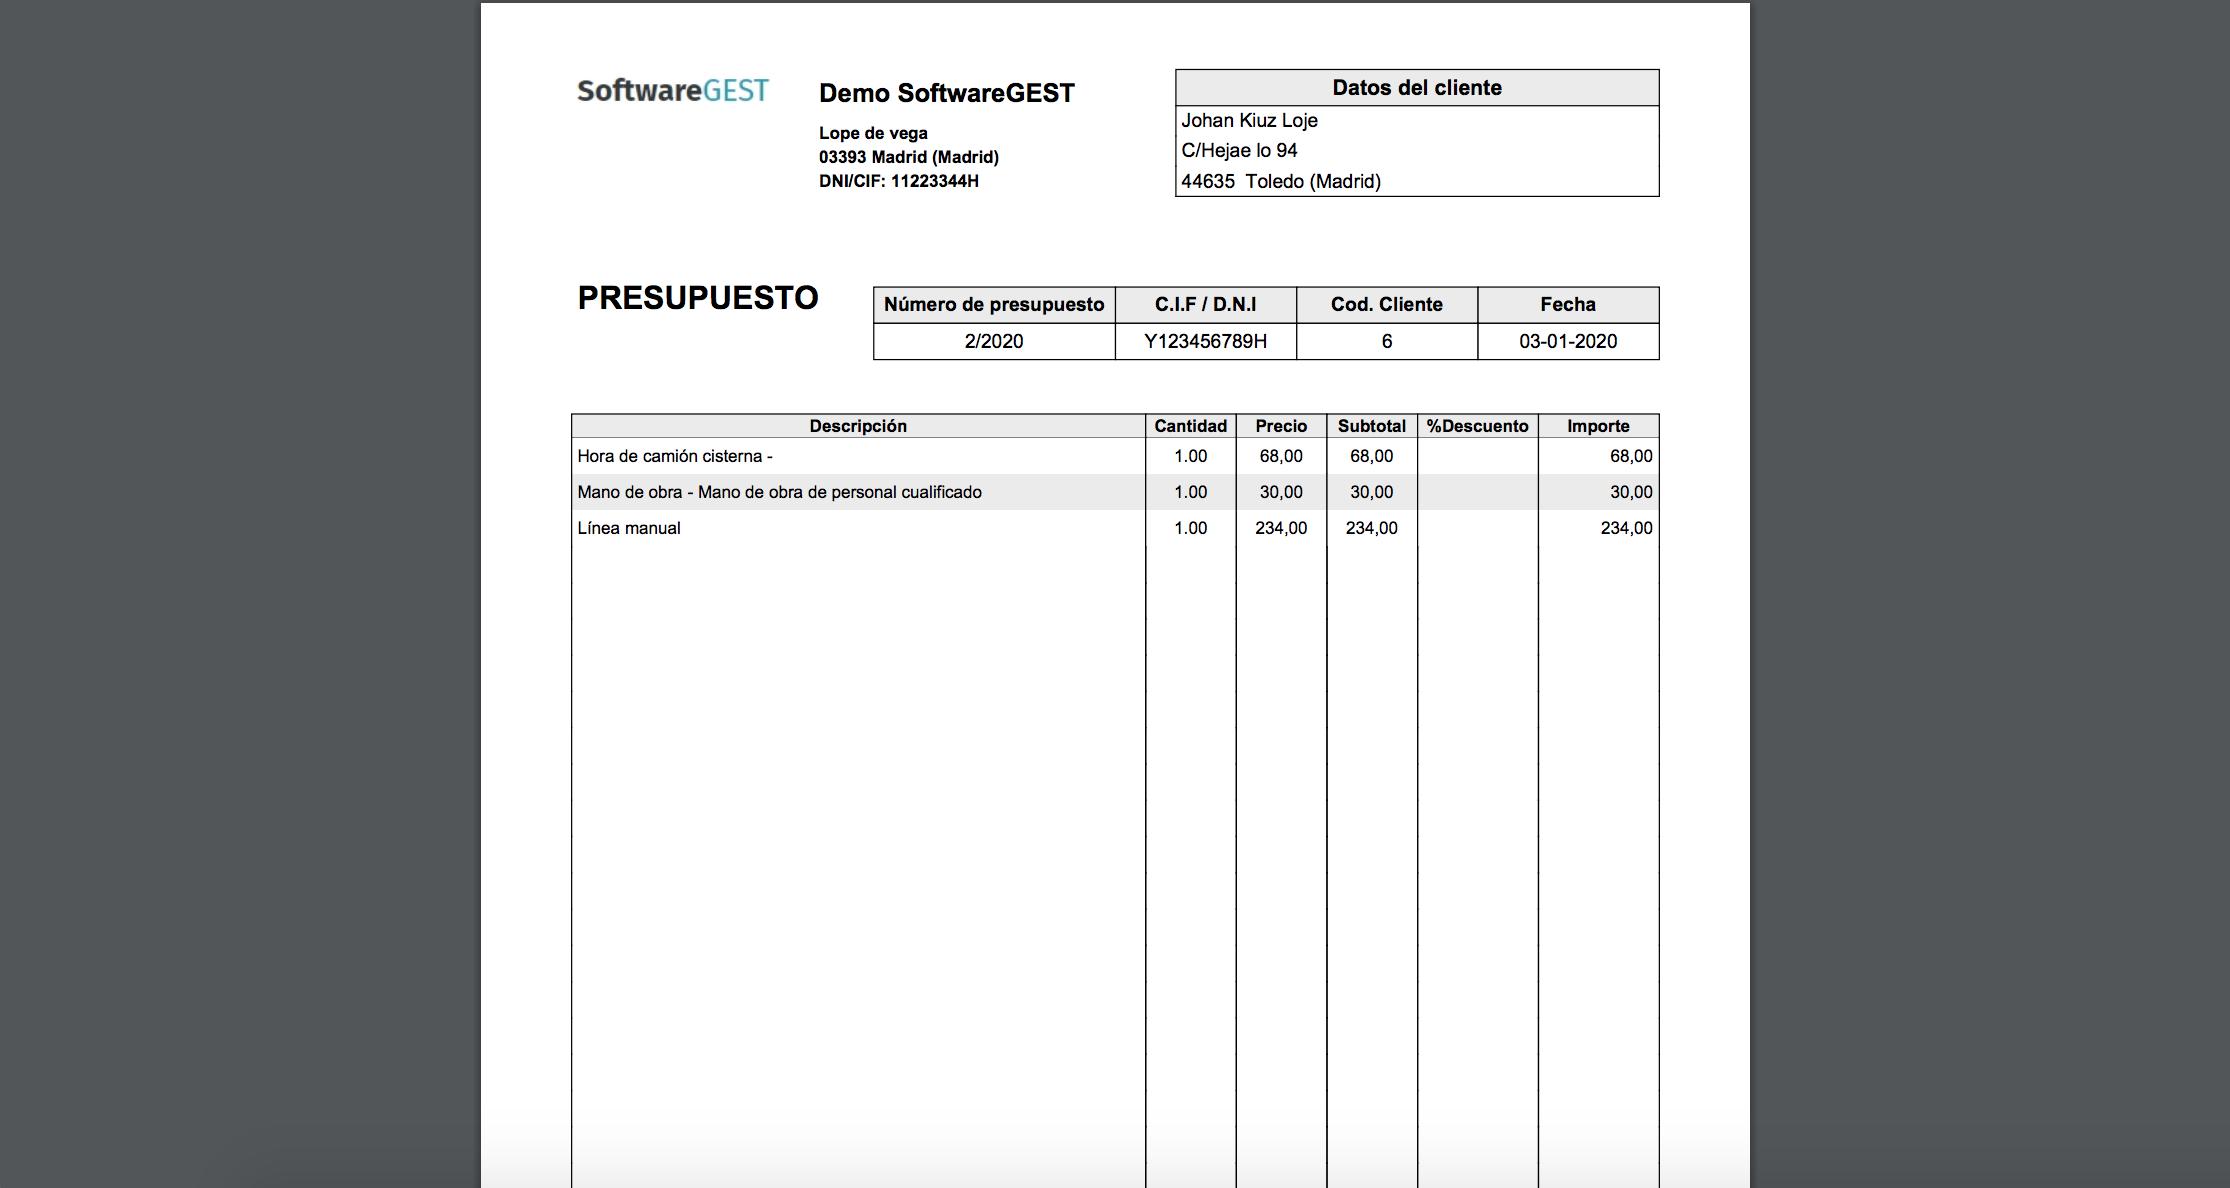 SoftwareGEST presupuestos emitidos pdf